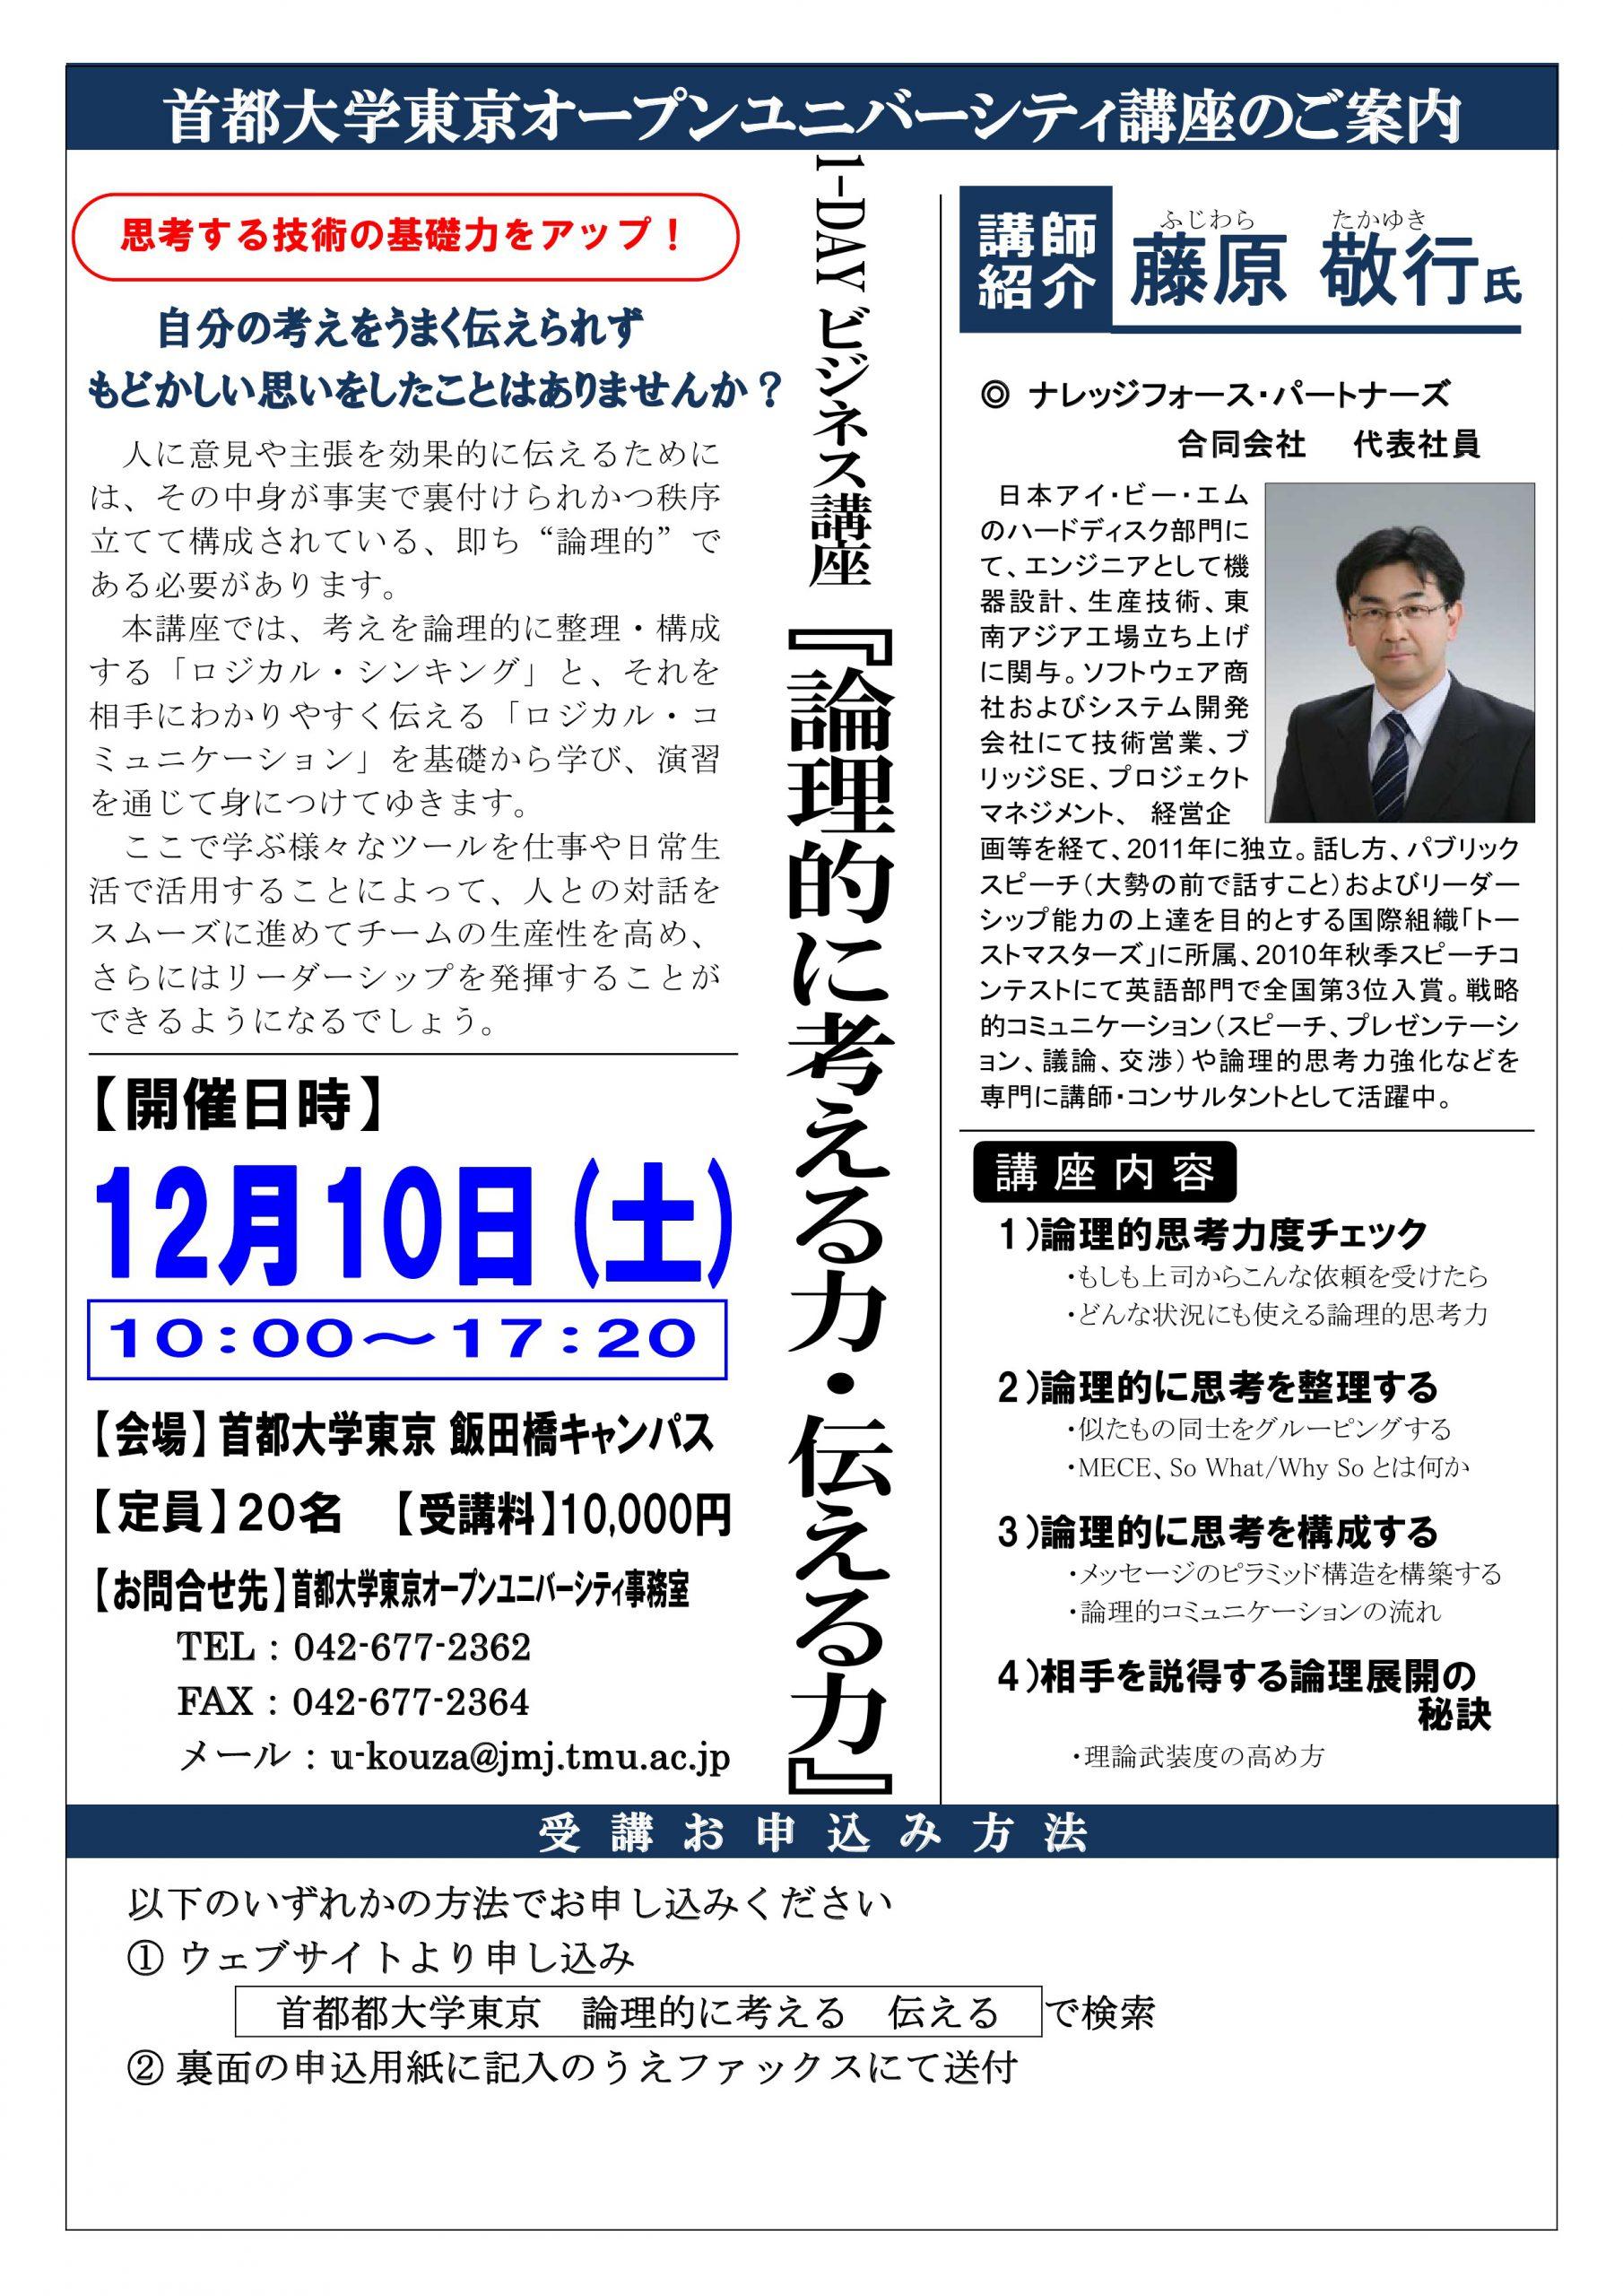 2016年12月10日                                    (土)                                      首都大学東京オープンユニバーシティ 主催                                     「論理的に考える力・伝える力」                                     セミナーチラシ